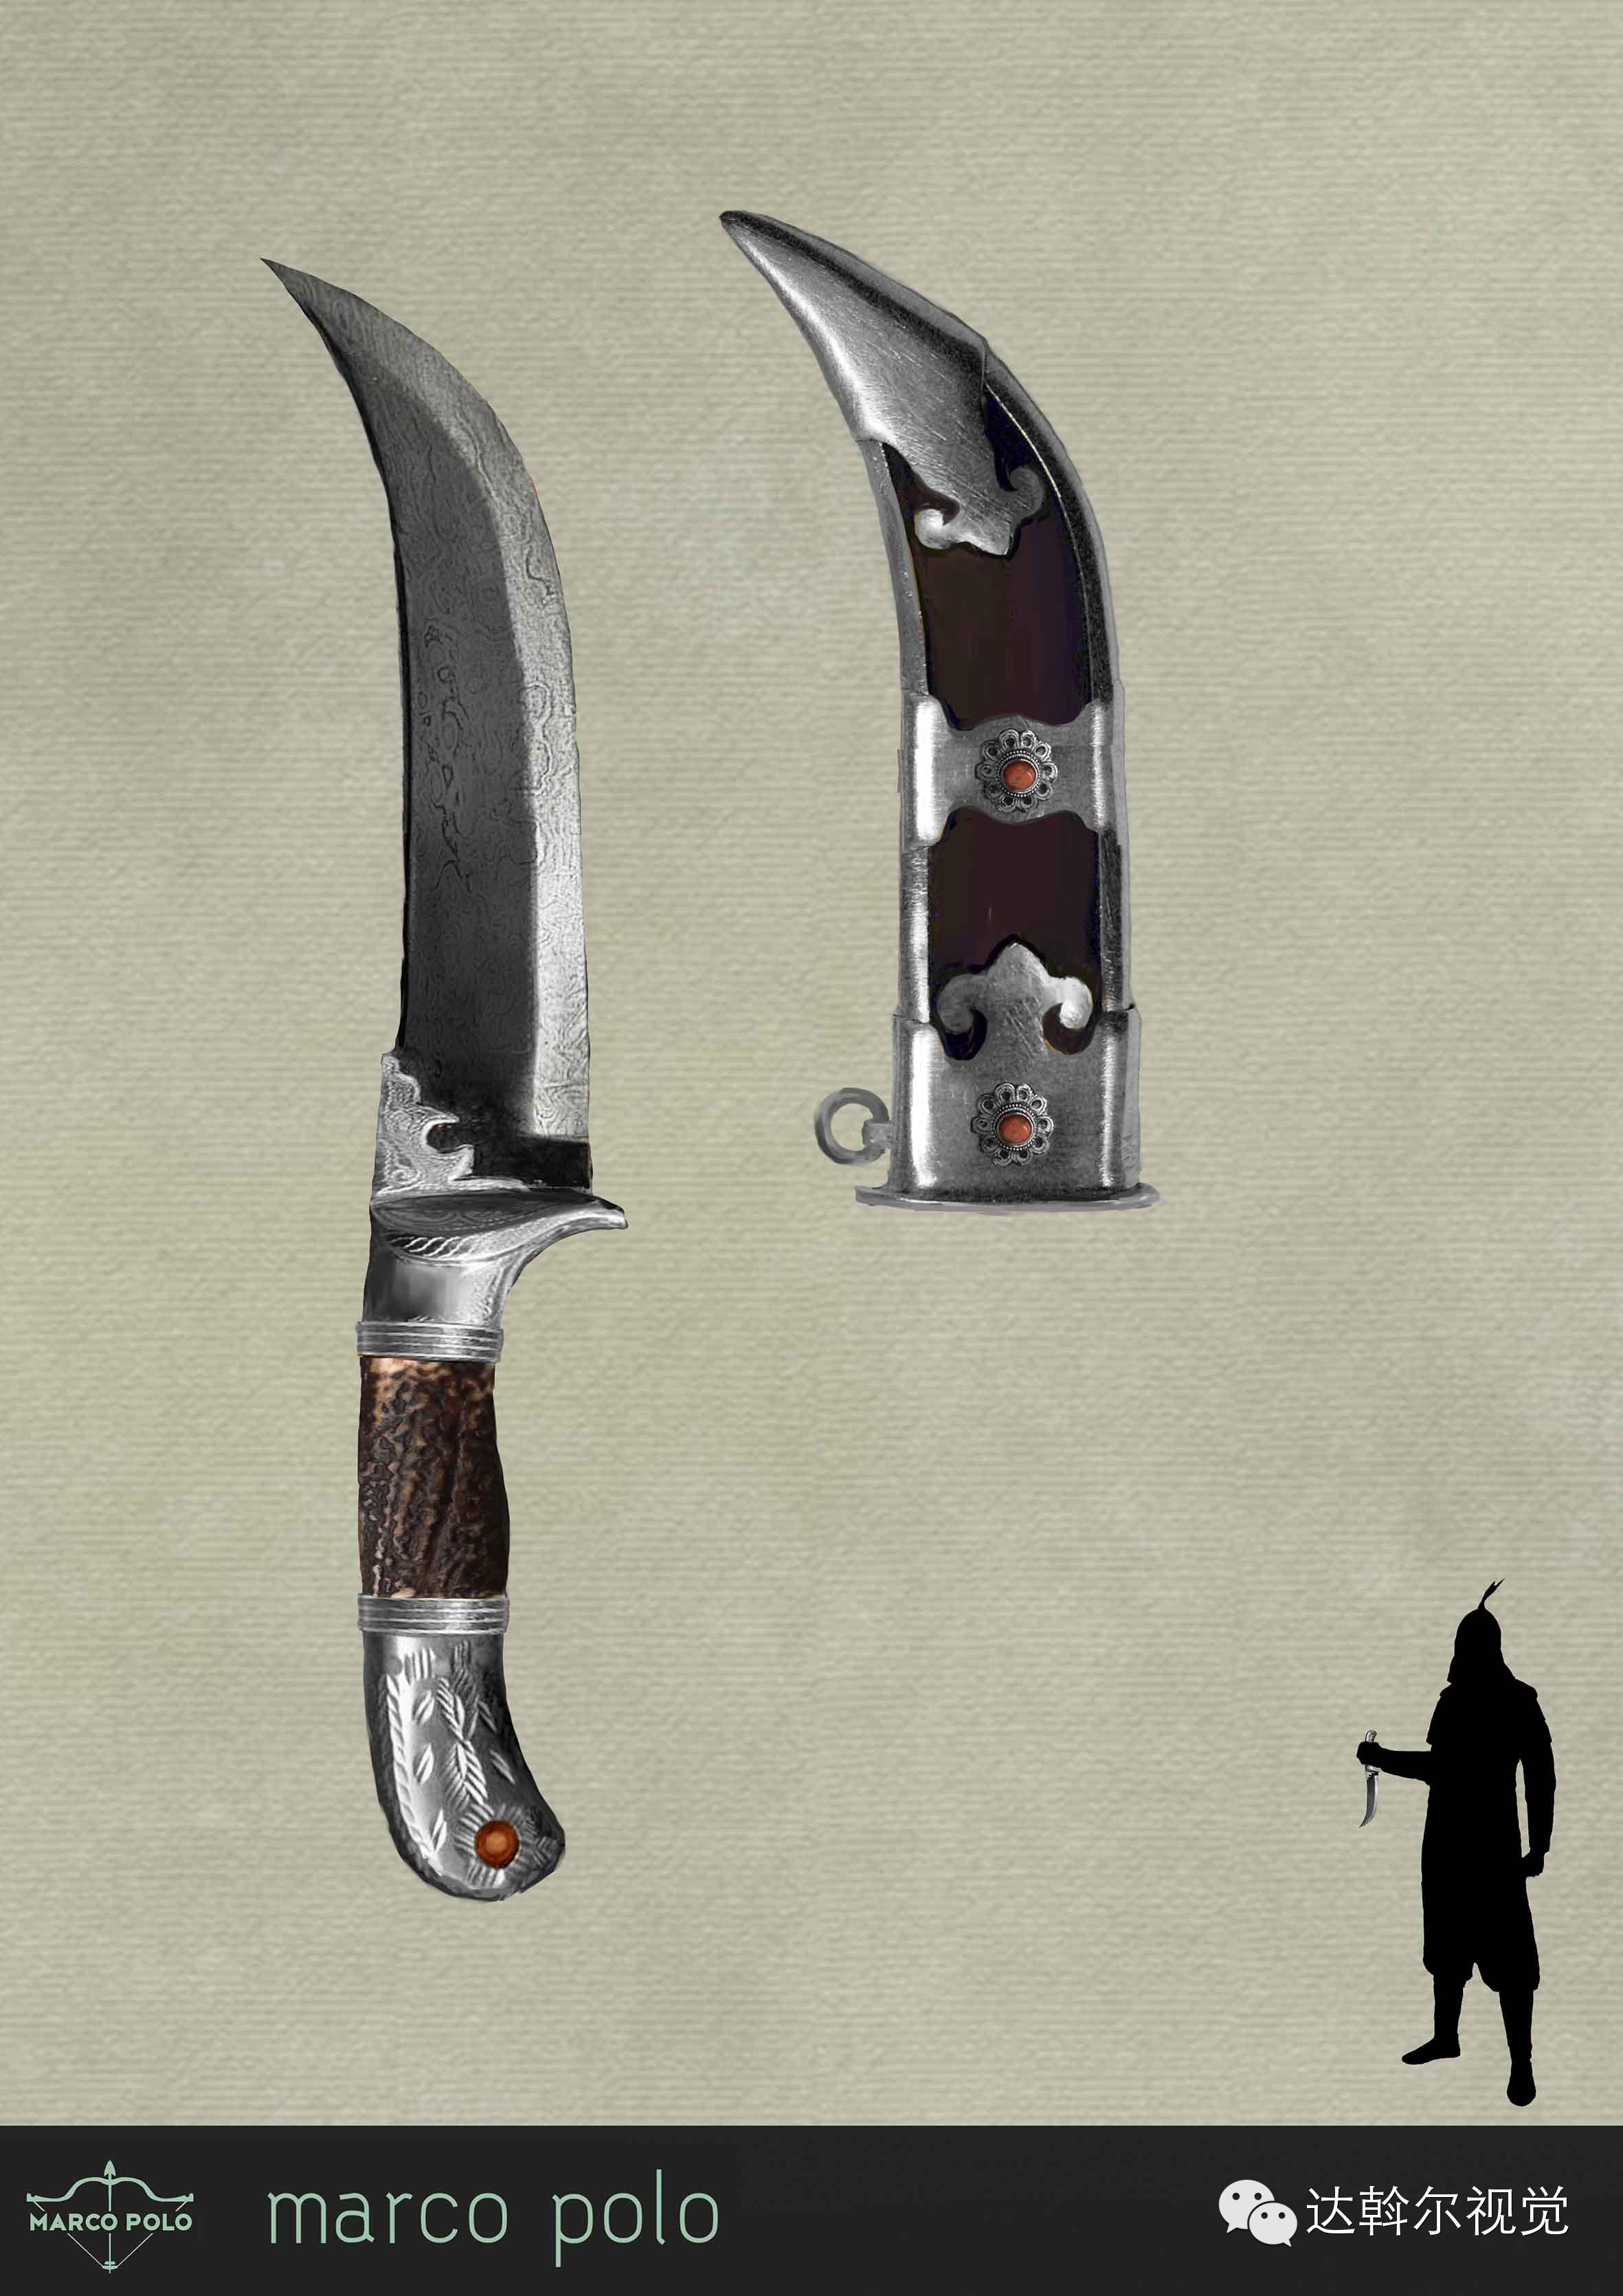 蒙古题材美剧《马可波罗》兵器设计欣赏 第18张